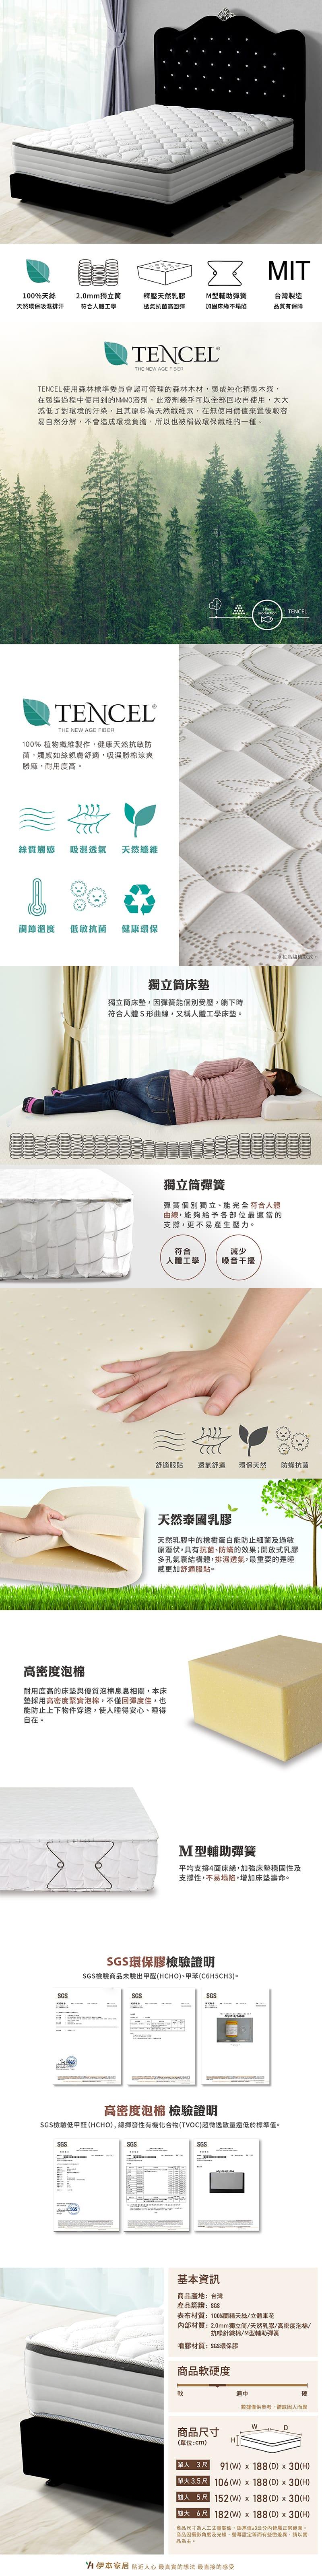 天絲乳膠獨立筒床墊雙人5尺(鑽石系列)